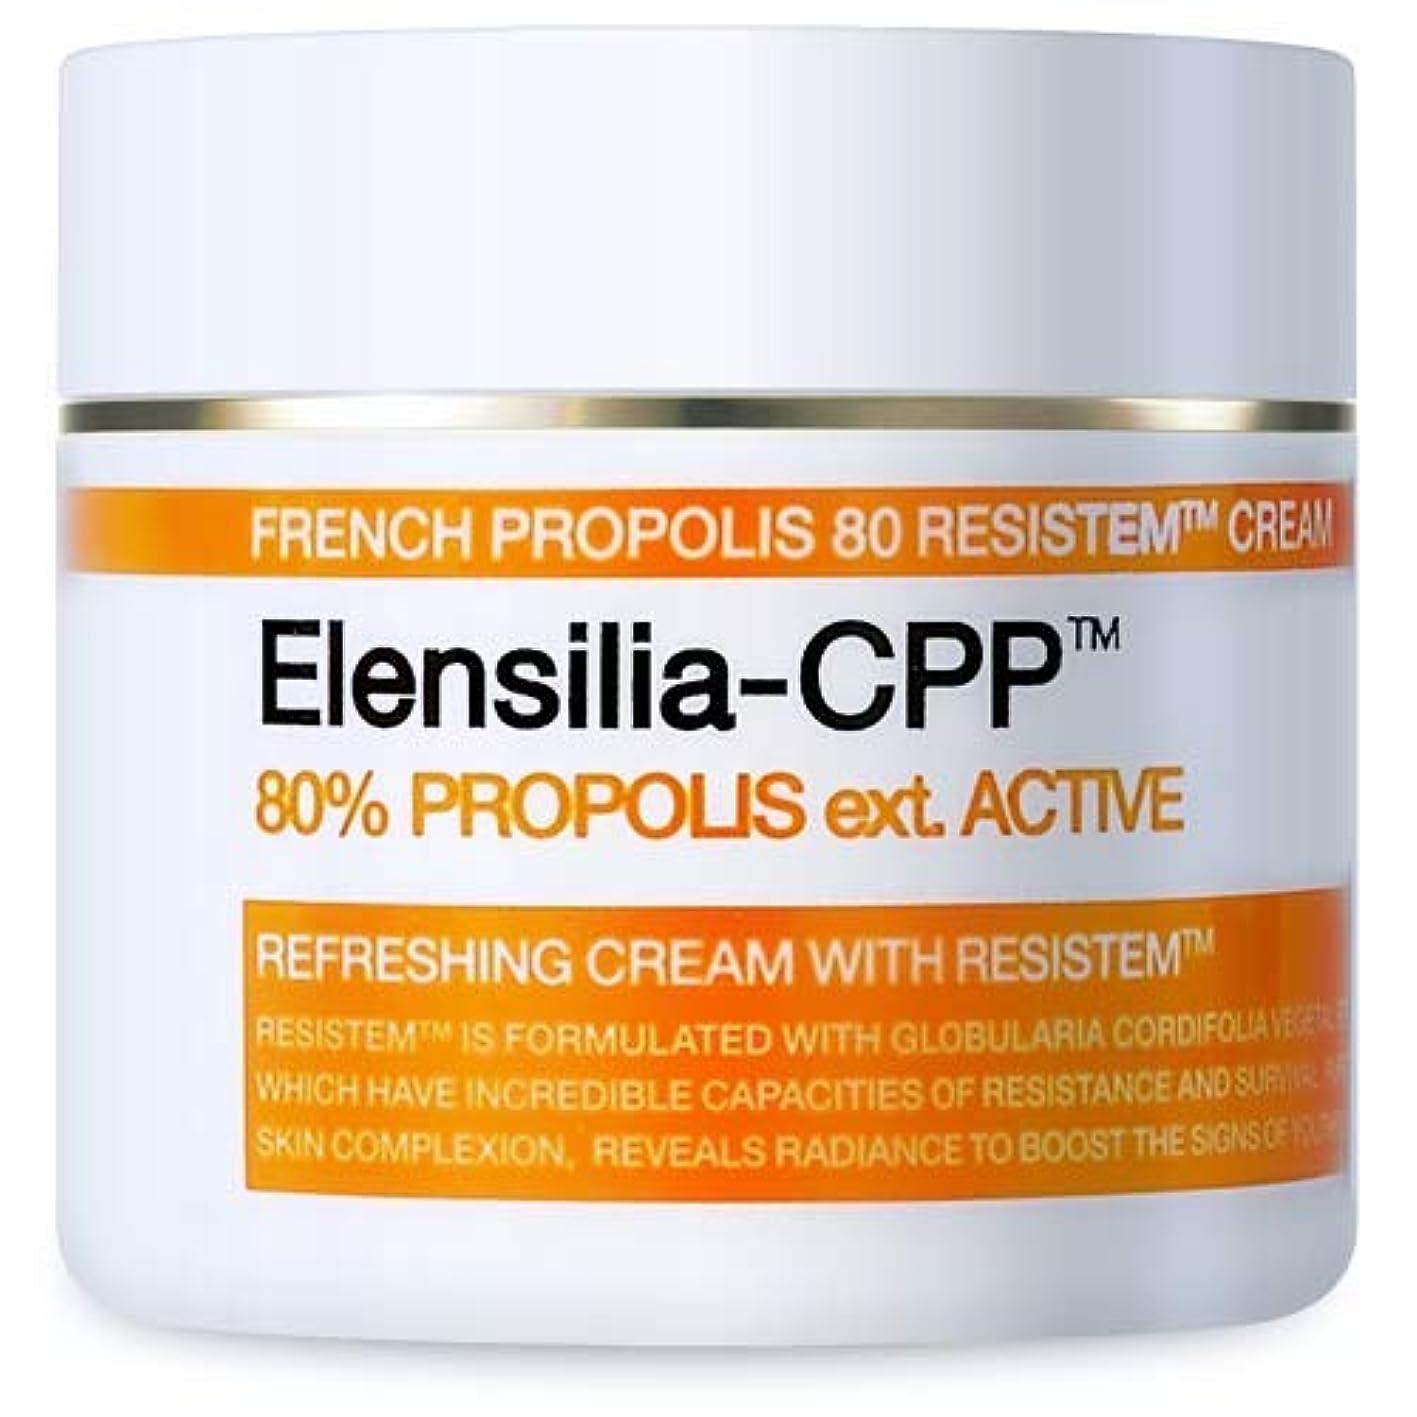 フレッシュ台無しに起業家Elensilia CPP フレンチ プロポリス 80 リシステム クリーム / CPP French Propolis 80 Resistem Cream (50g) [並行輸入品]